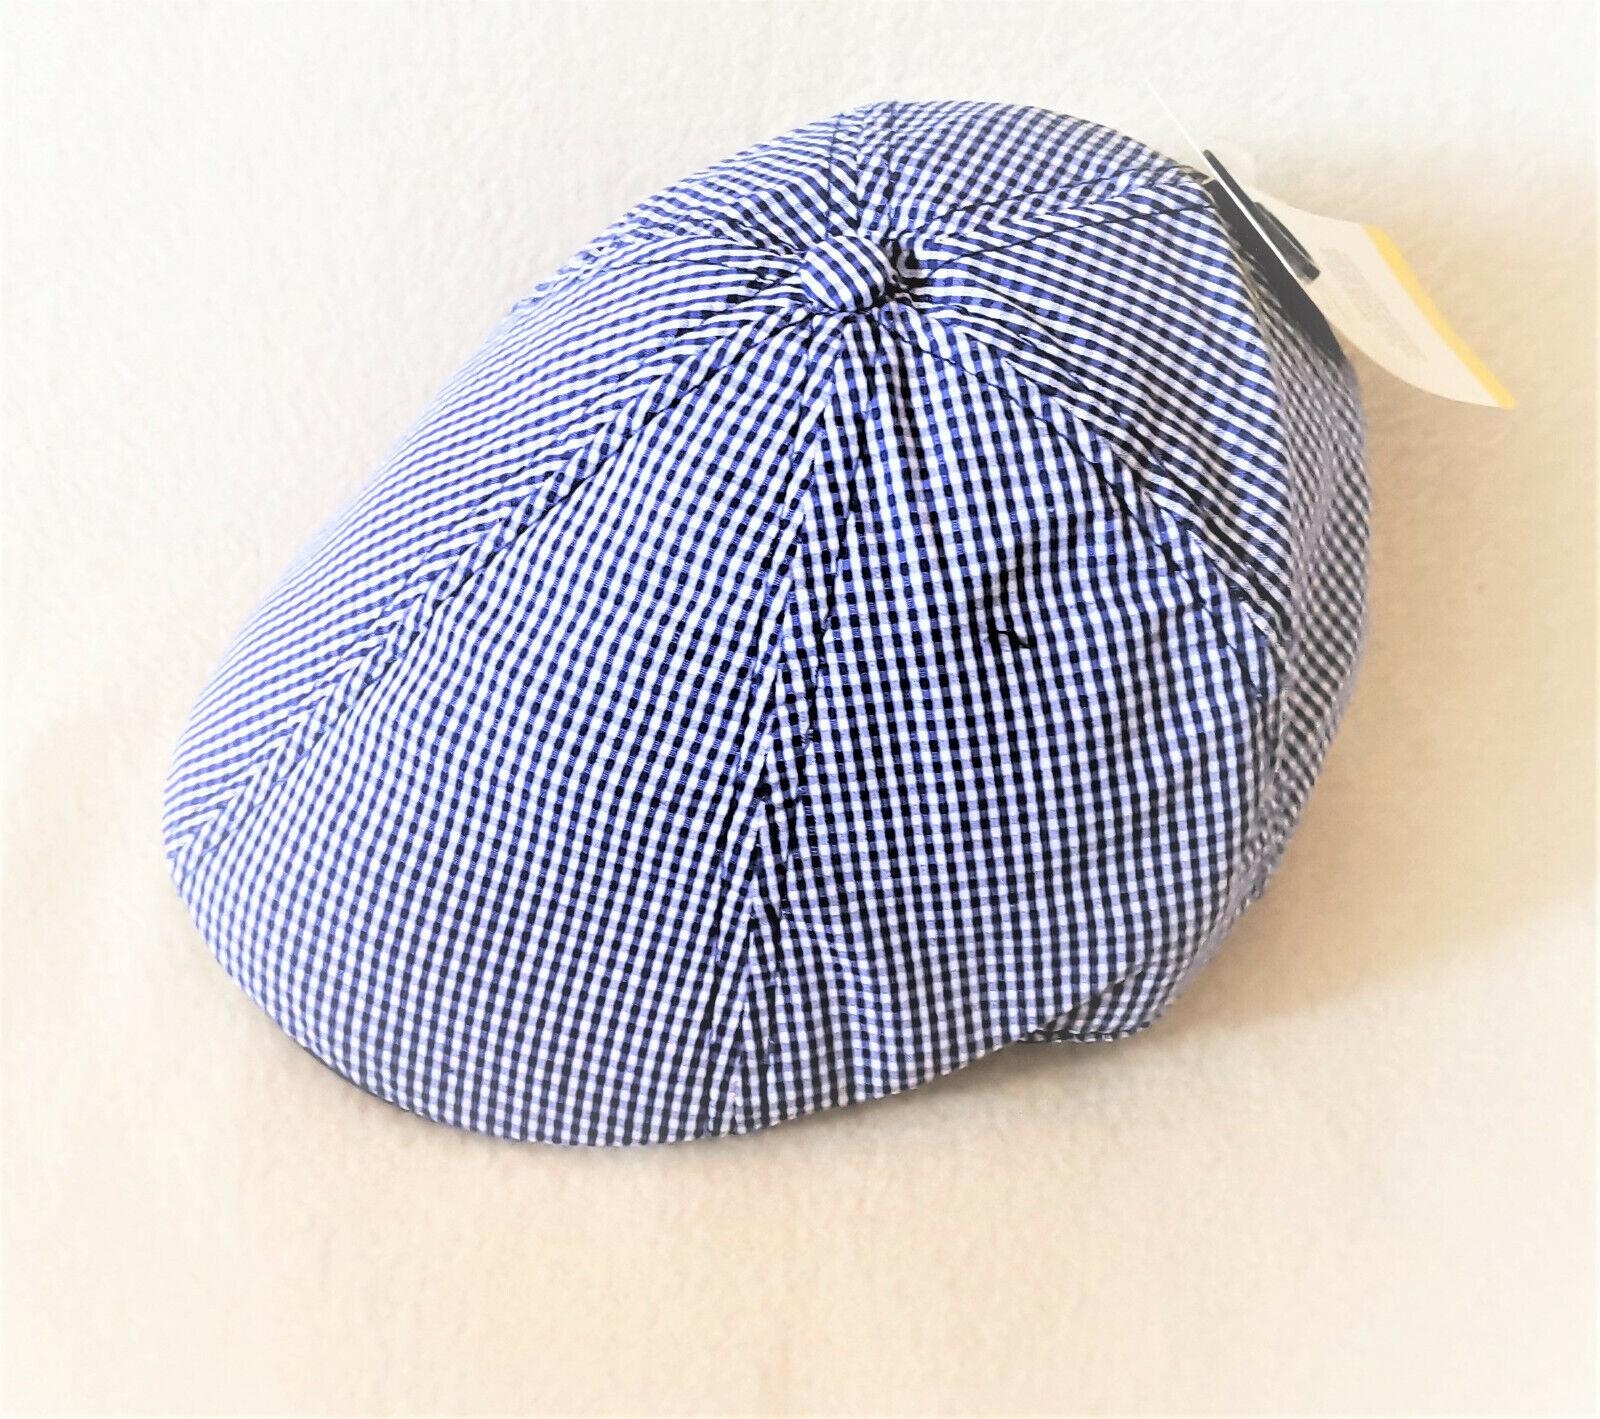 Leichte Sport/Schiebermütze für Kinder Klein-Karo aus Baumwolle